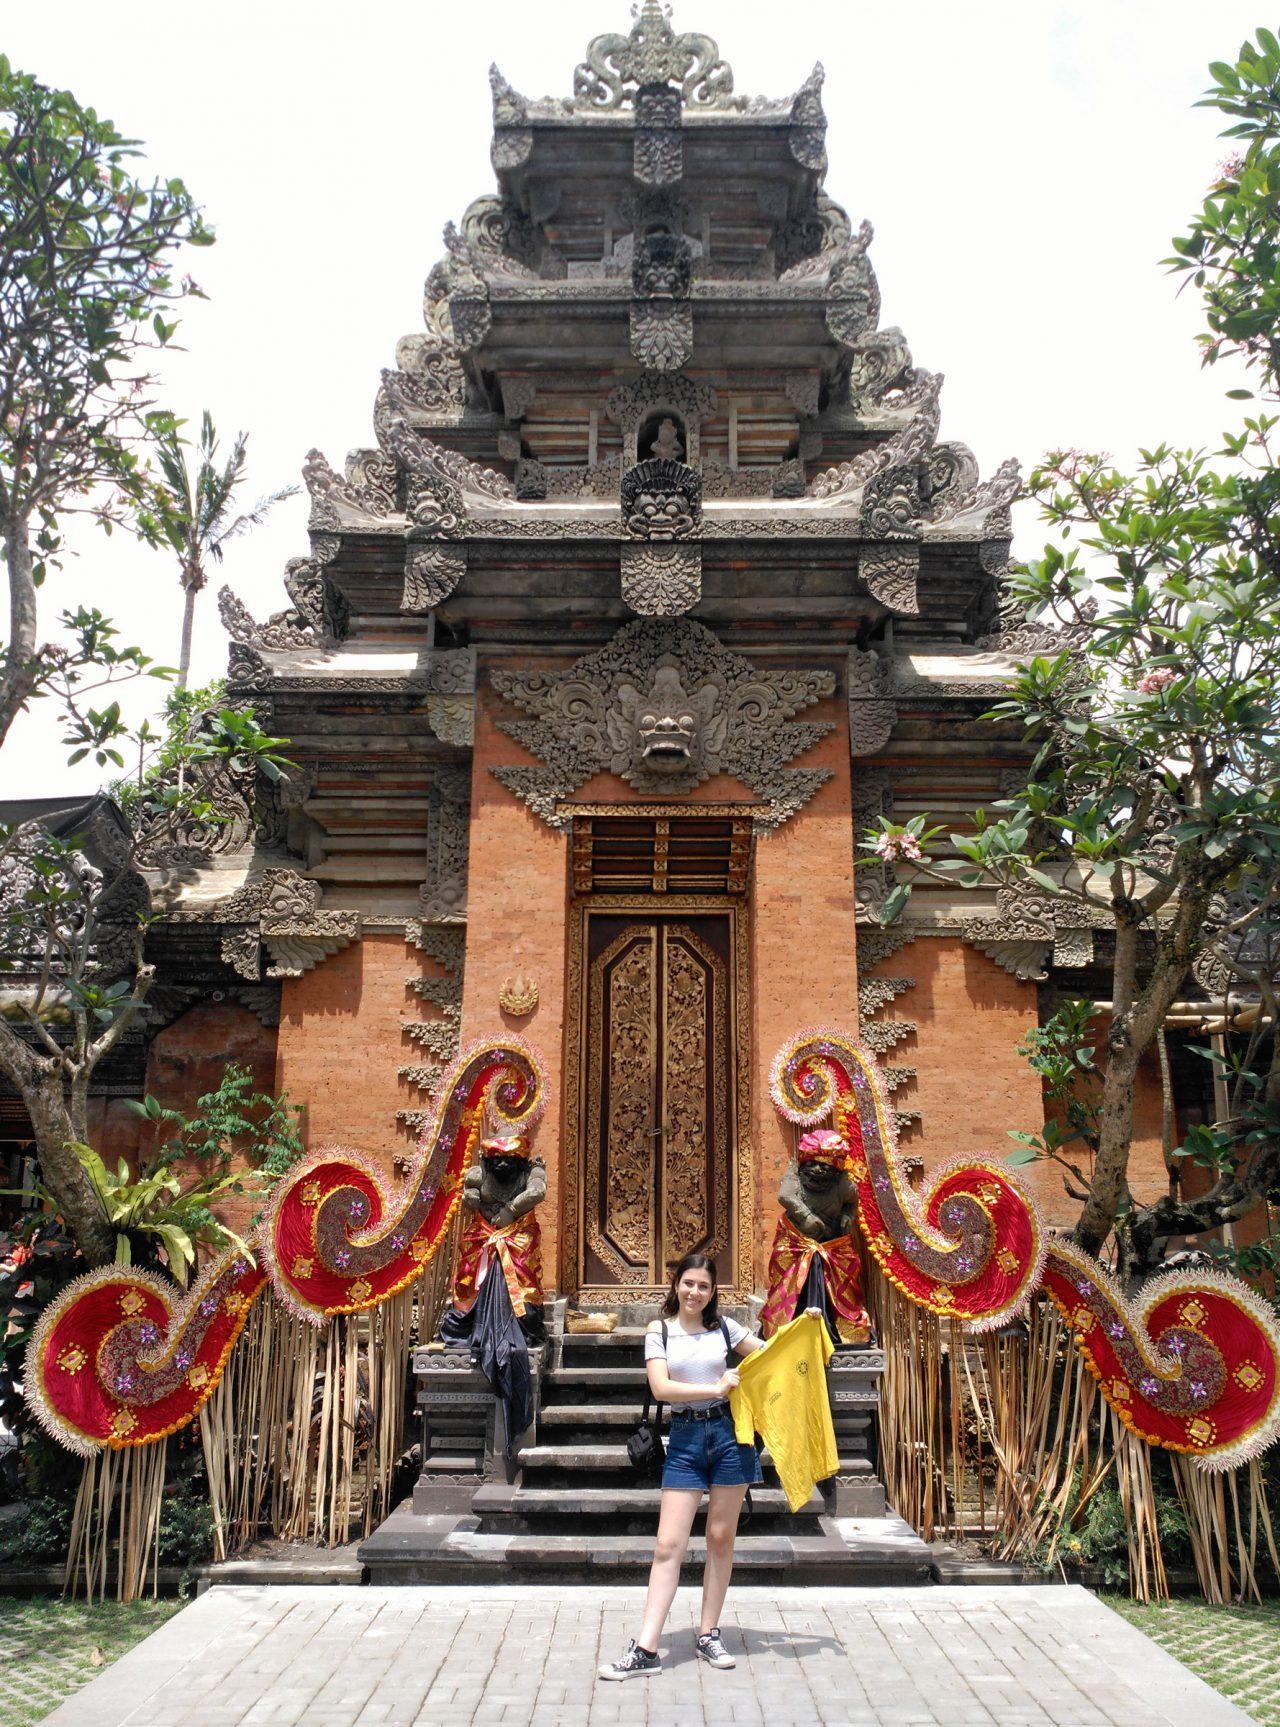 09-Abud-Bali-Indonesia-1280x1727.jpg